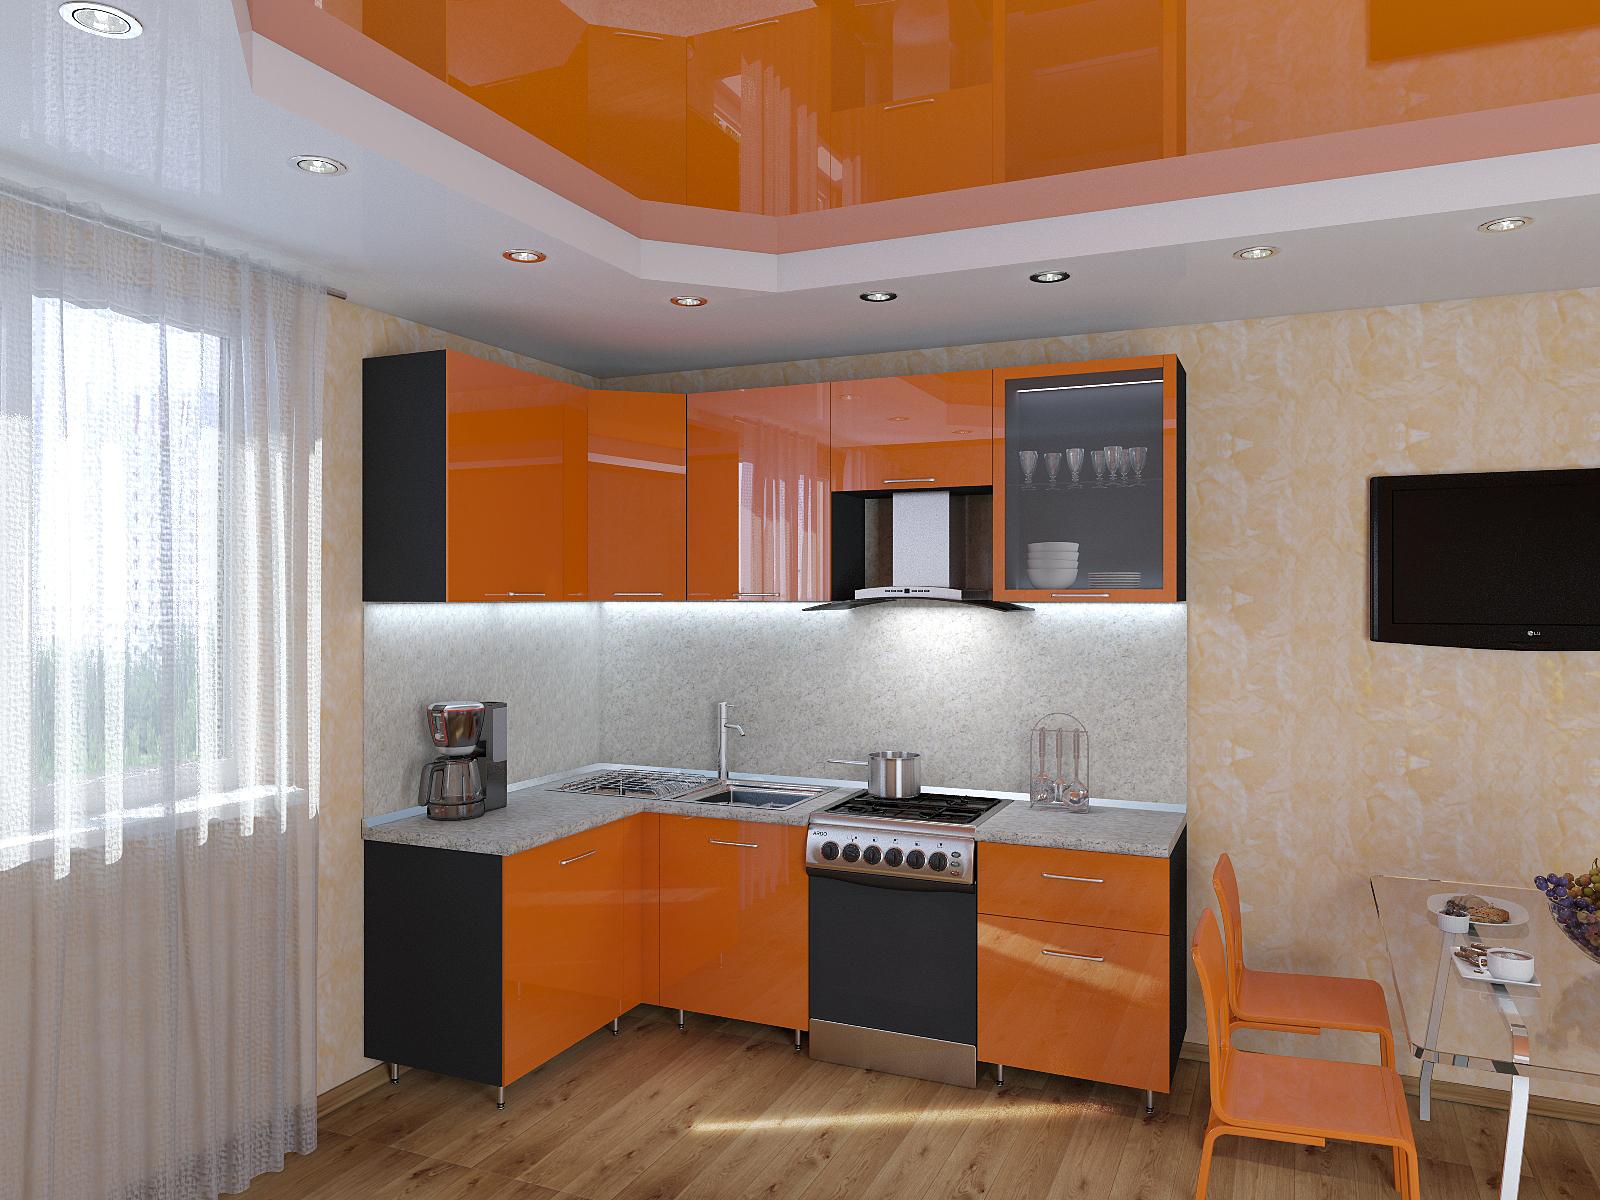 Небольшая черно-оранжевая кухня в стиле хай-тек